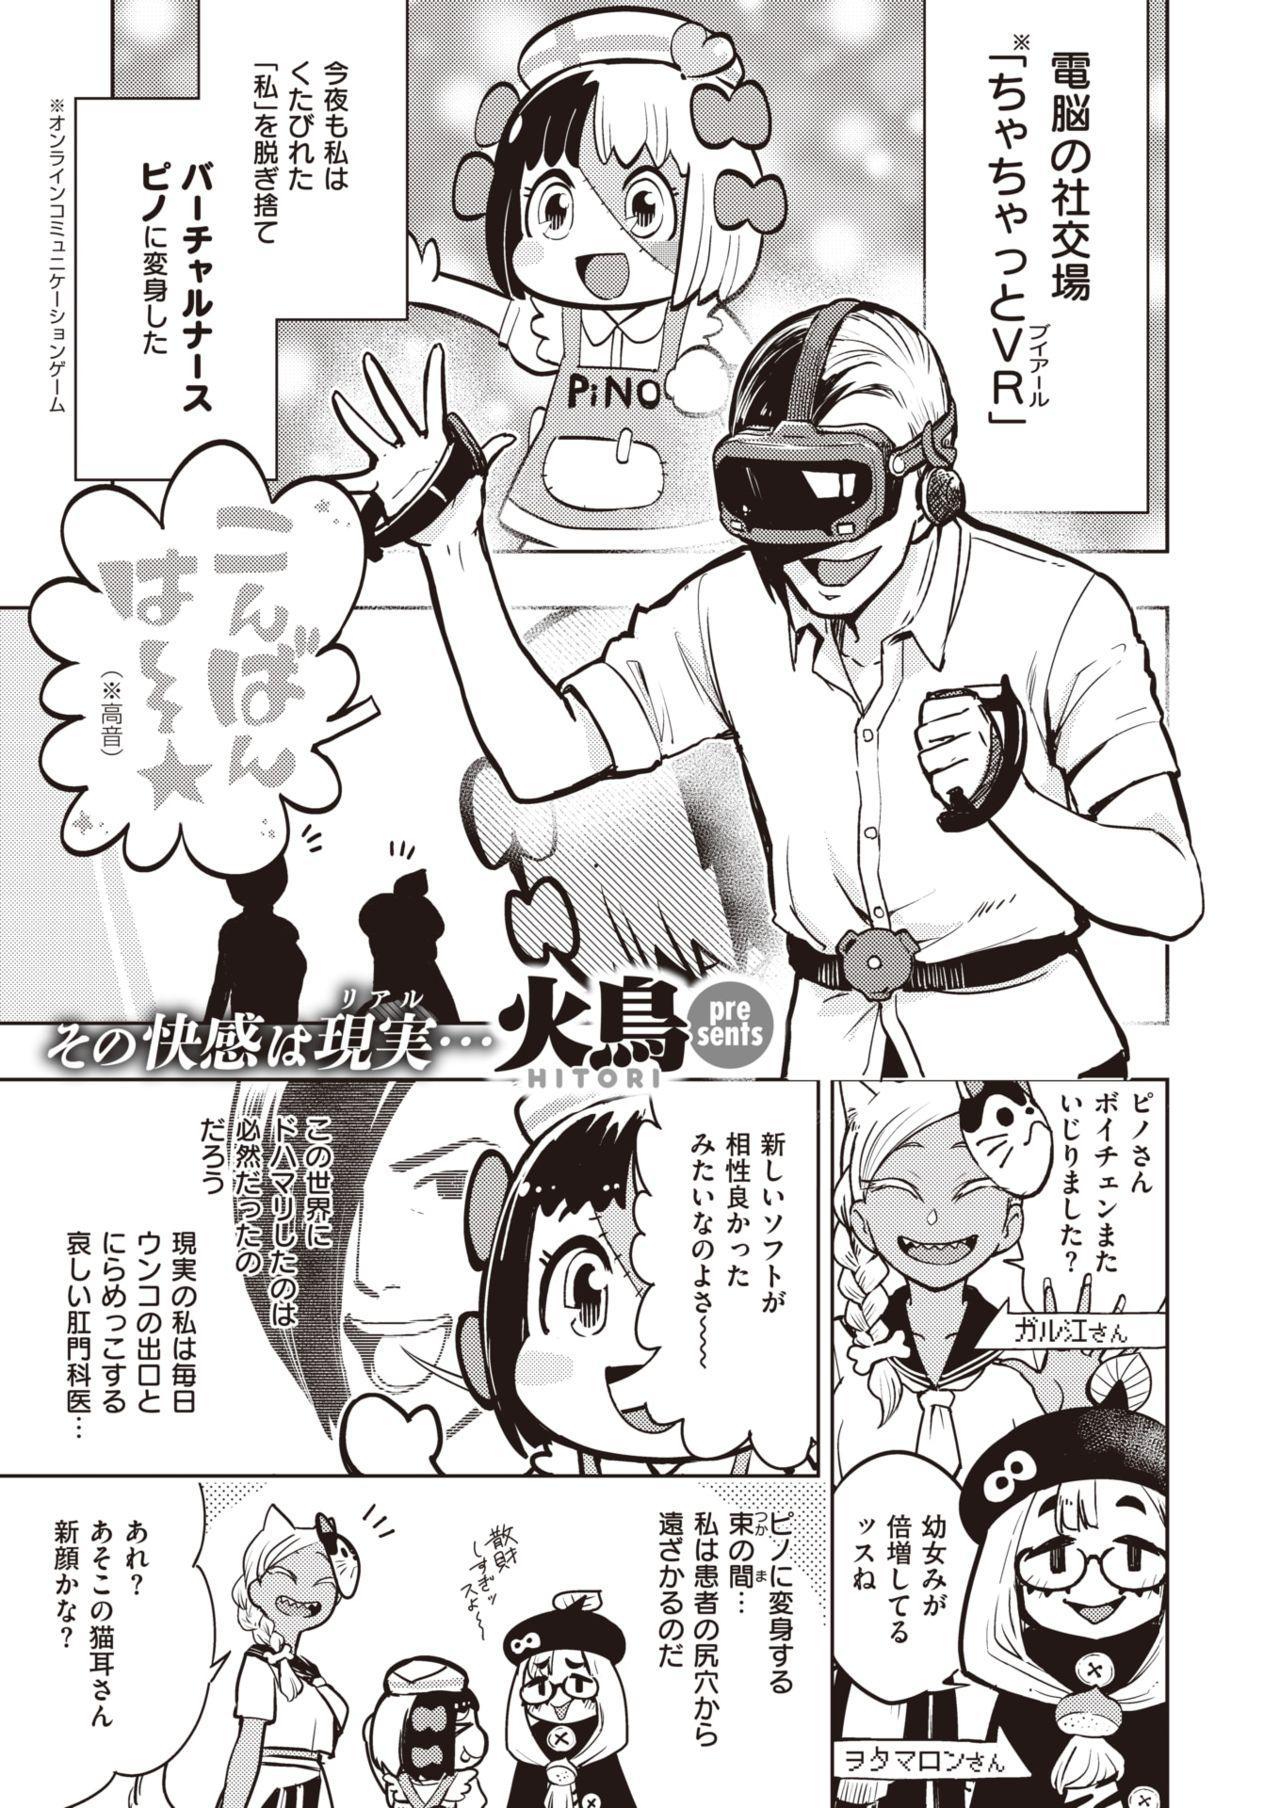 COMIC Kairakuten BEAST 2020-01 257